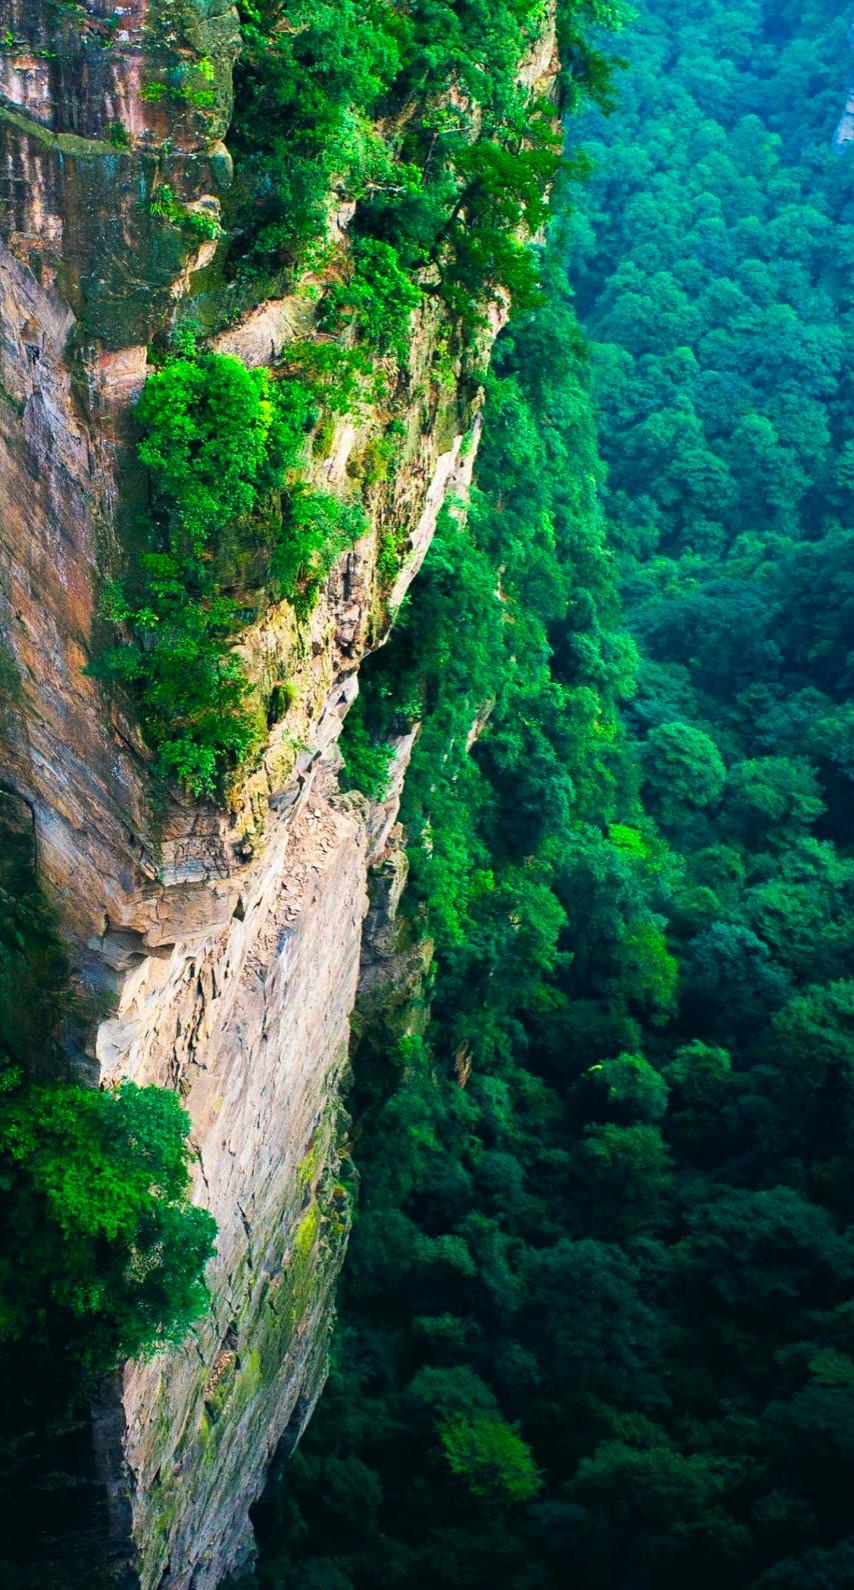 Download 770 Koleksi Wallpaper Pemandangan Alam Hijau Foto Paling Keren